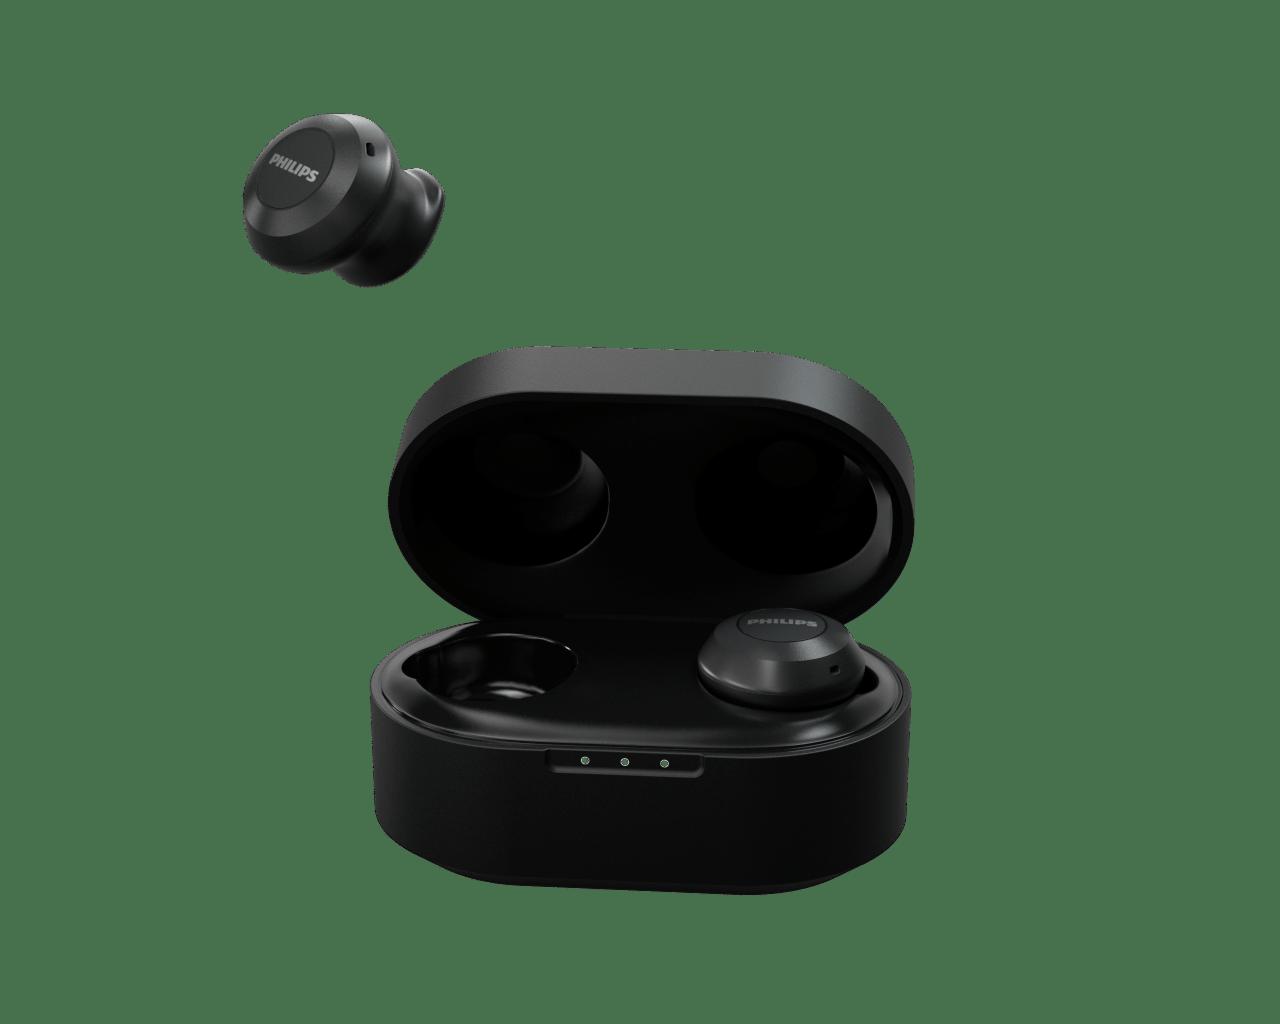 Auricolari Philips ANC: portatiti e con cancellazione attiva del rumore